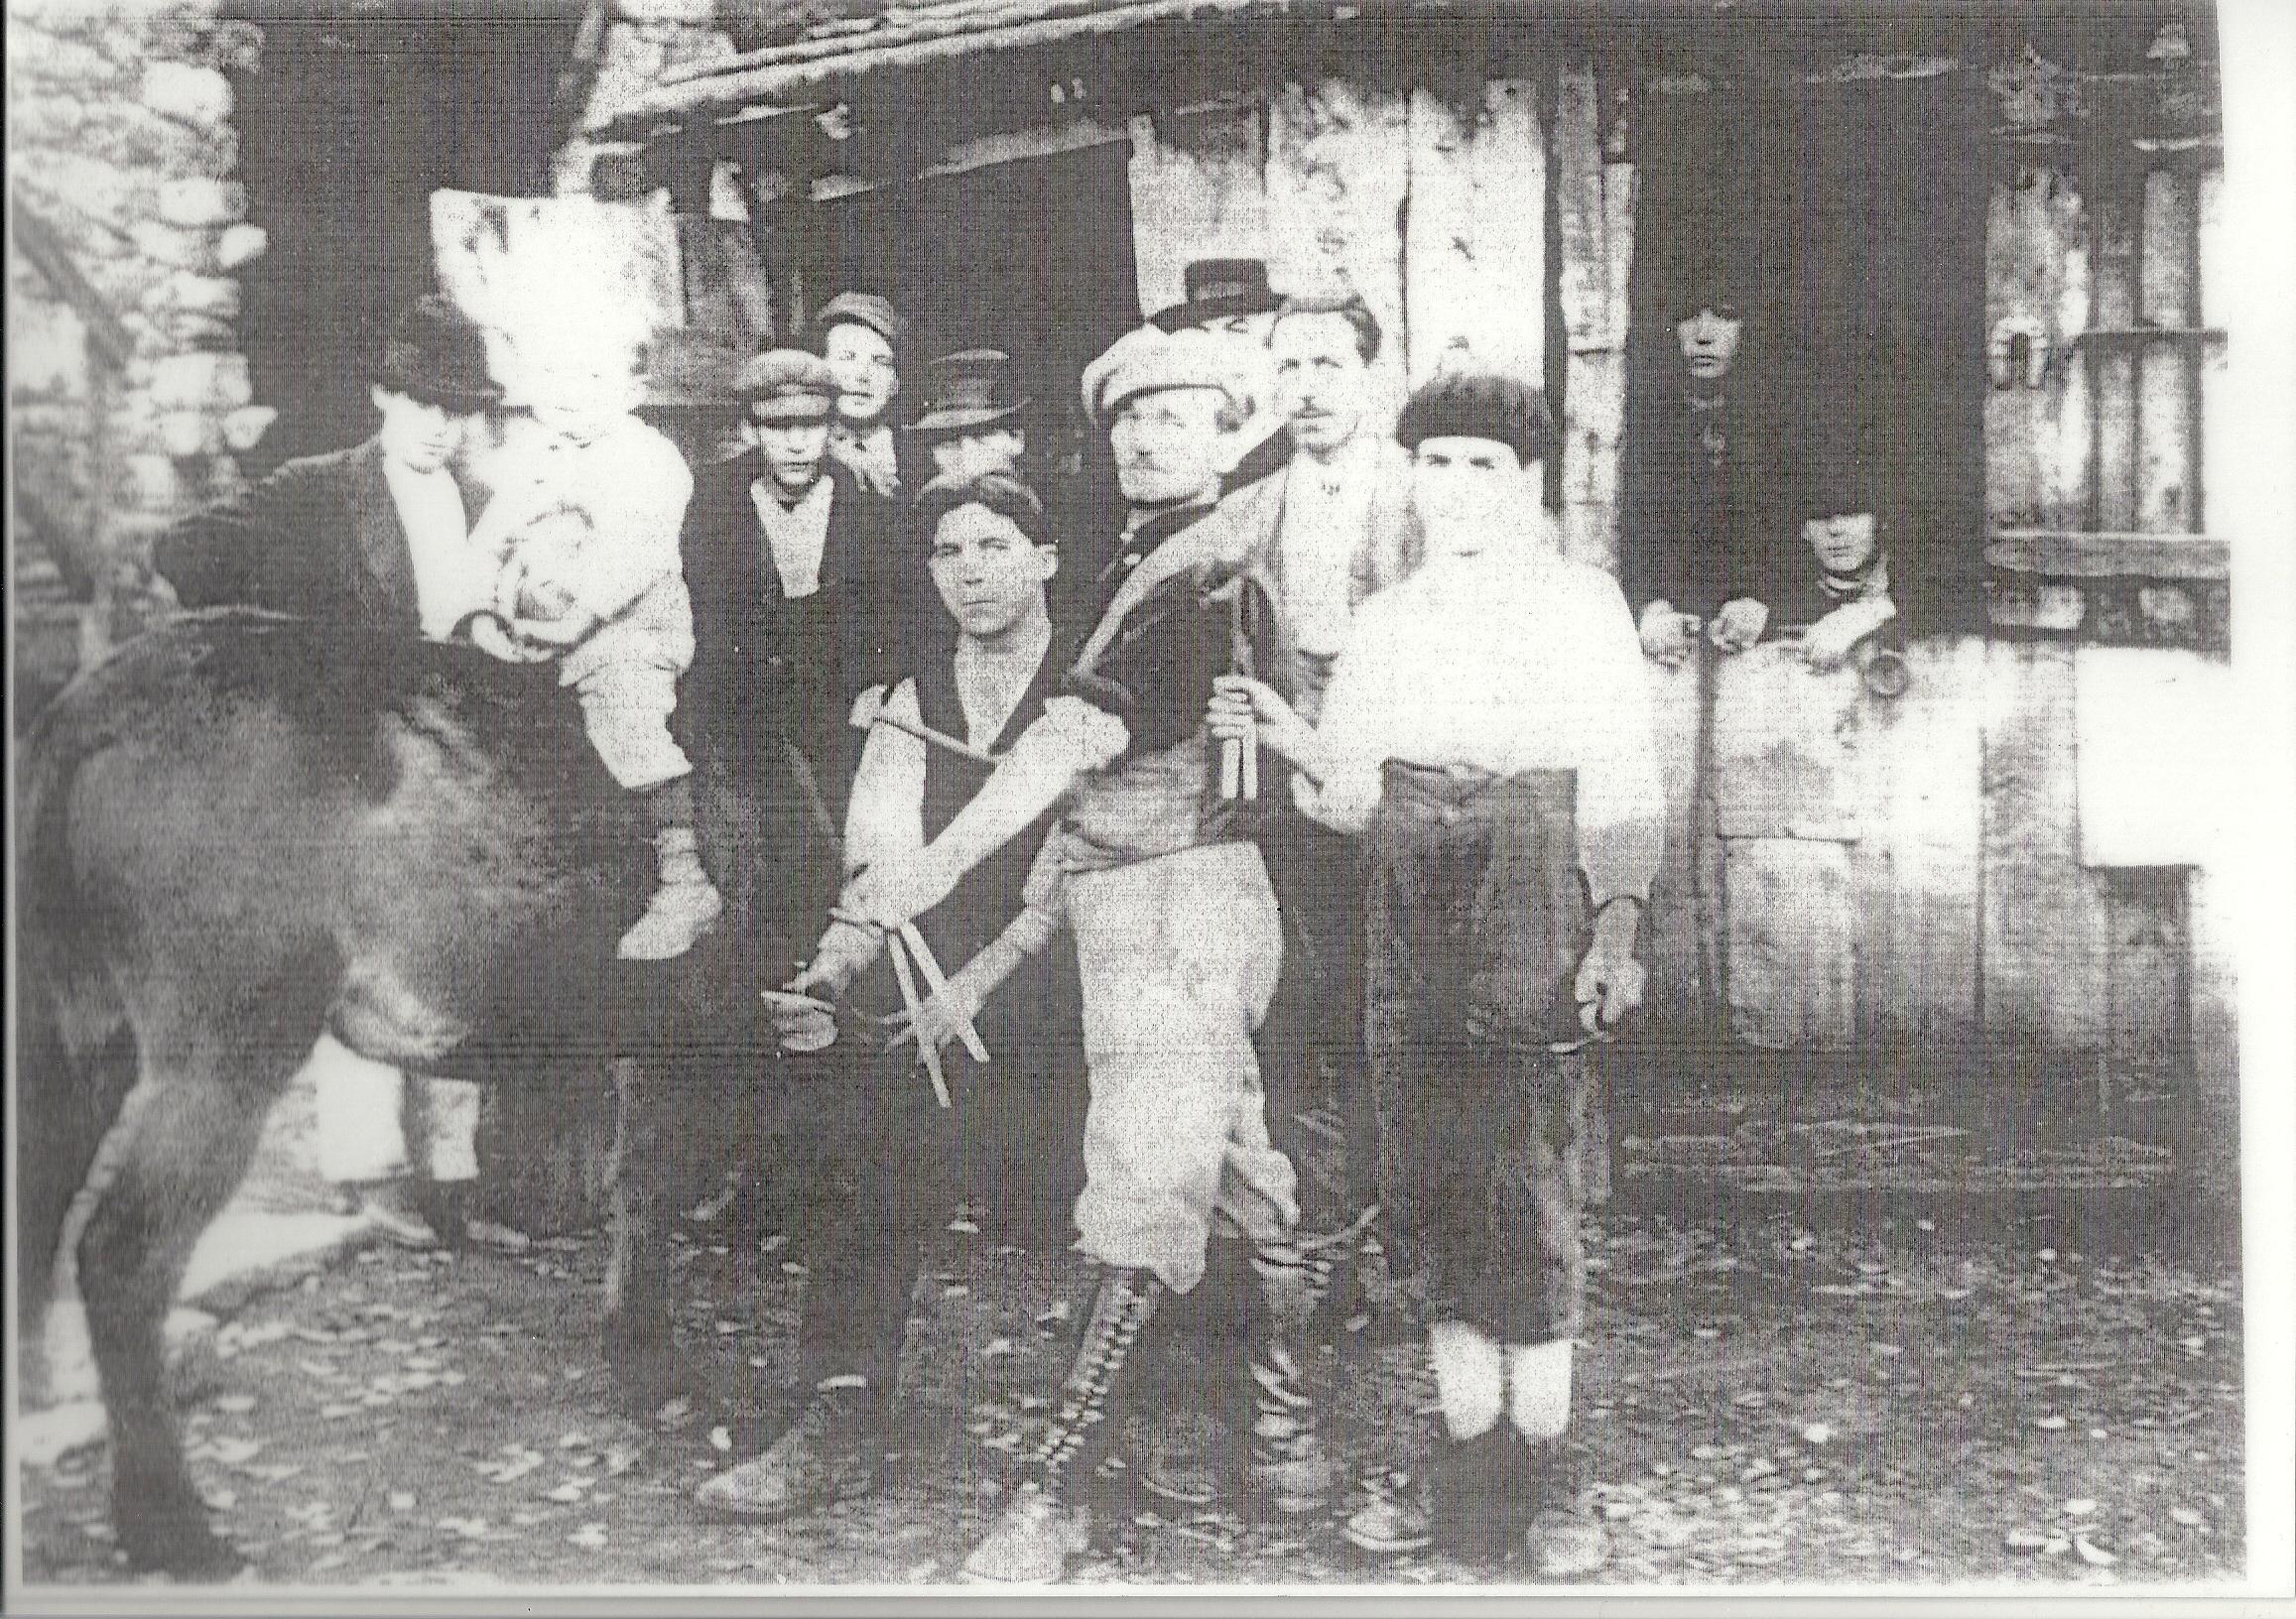 de gauche a droite pascal magni franchi jean dominique poli antoine(dit toto)le petit garçon peut etre foatelli charlot en 1920